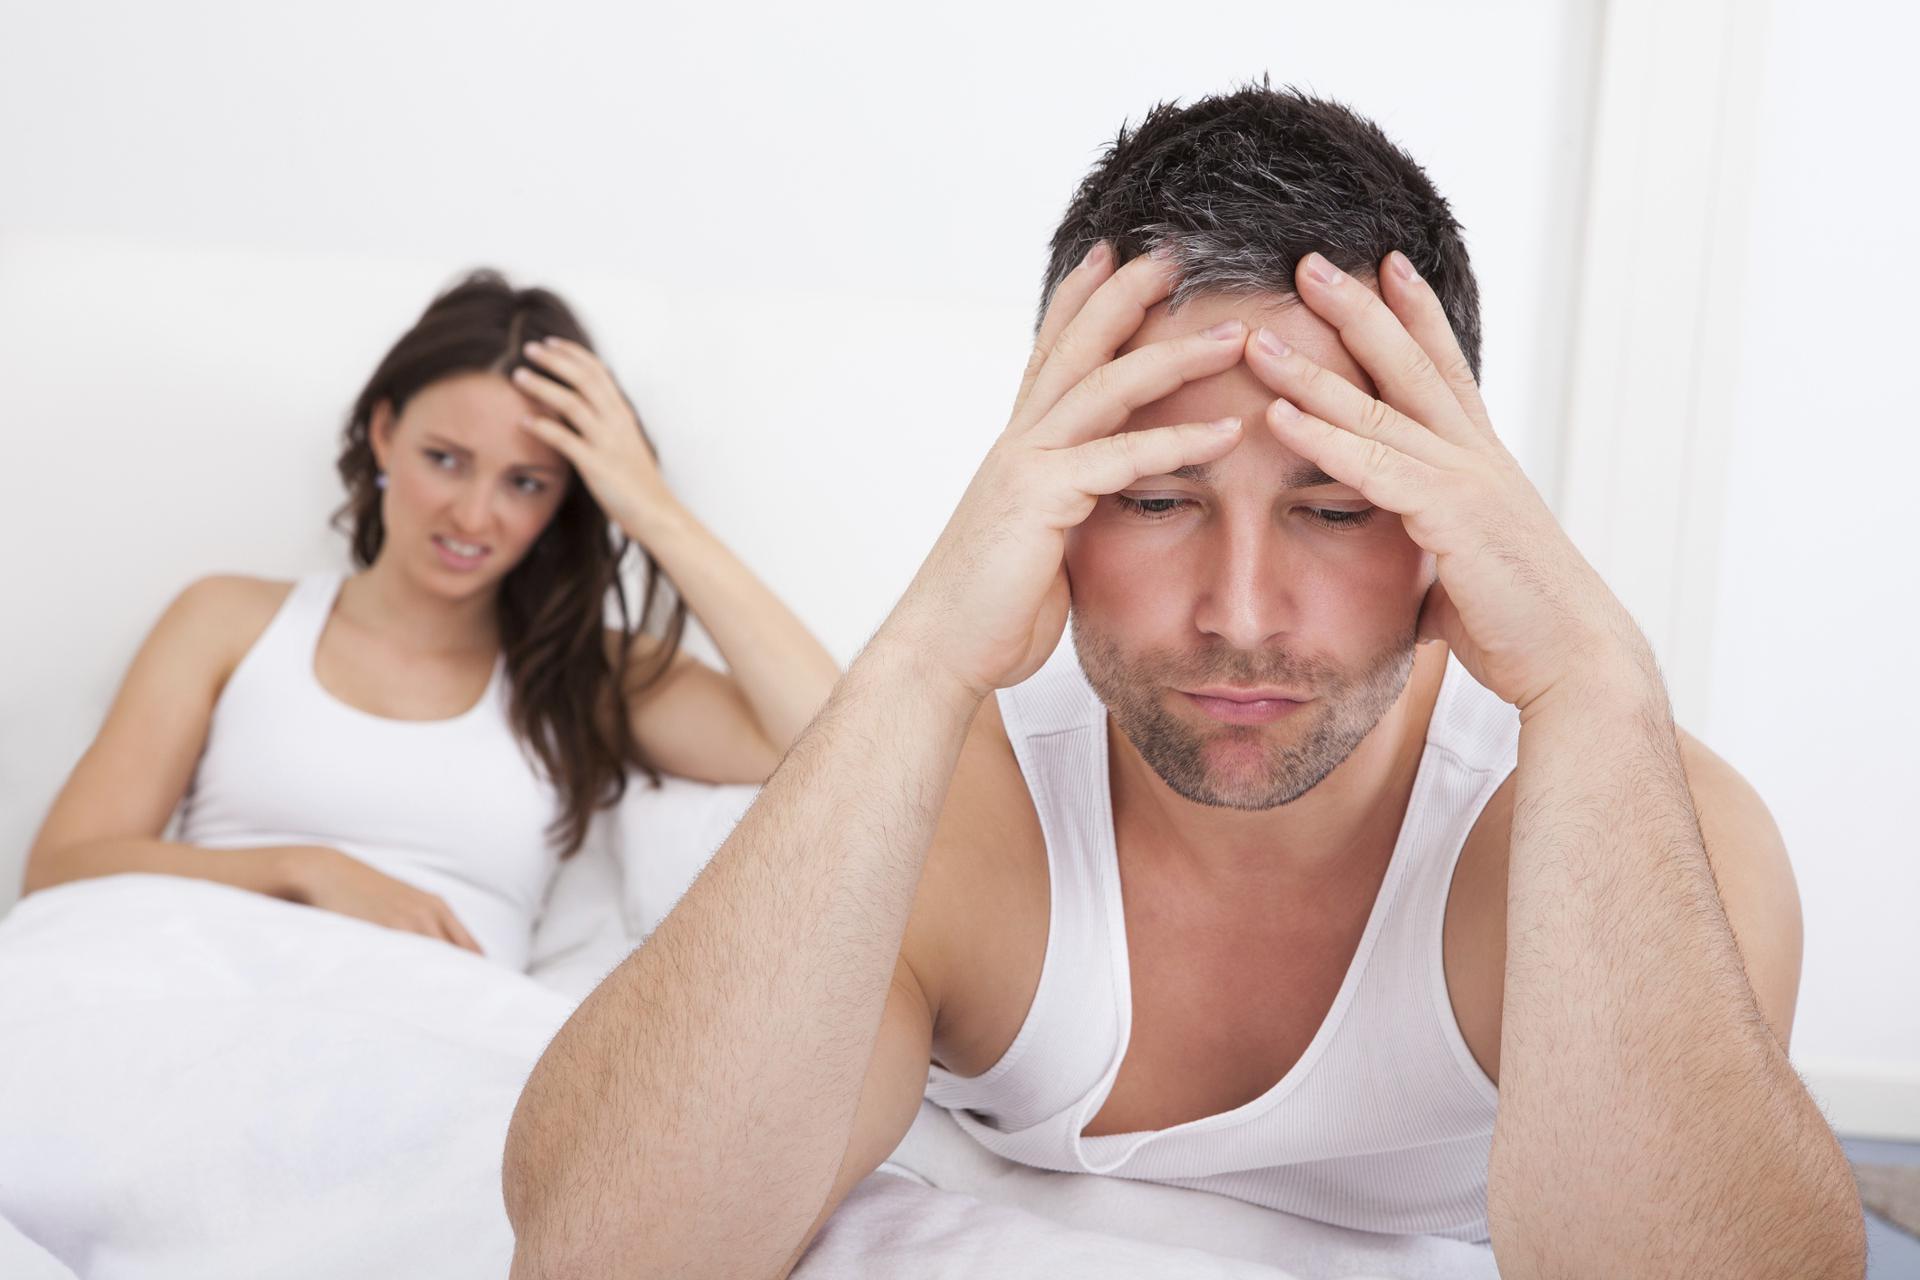 probleme cu erecția dimineața erecția mușchilor penieni